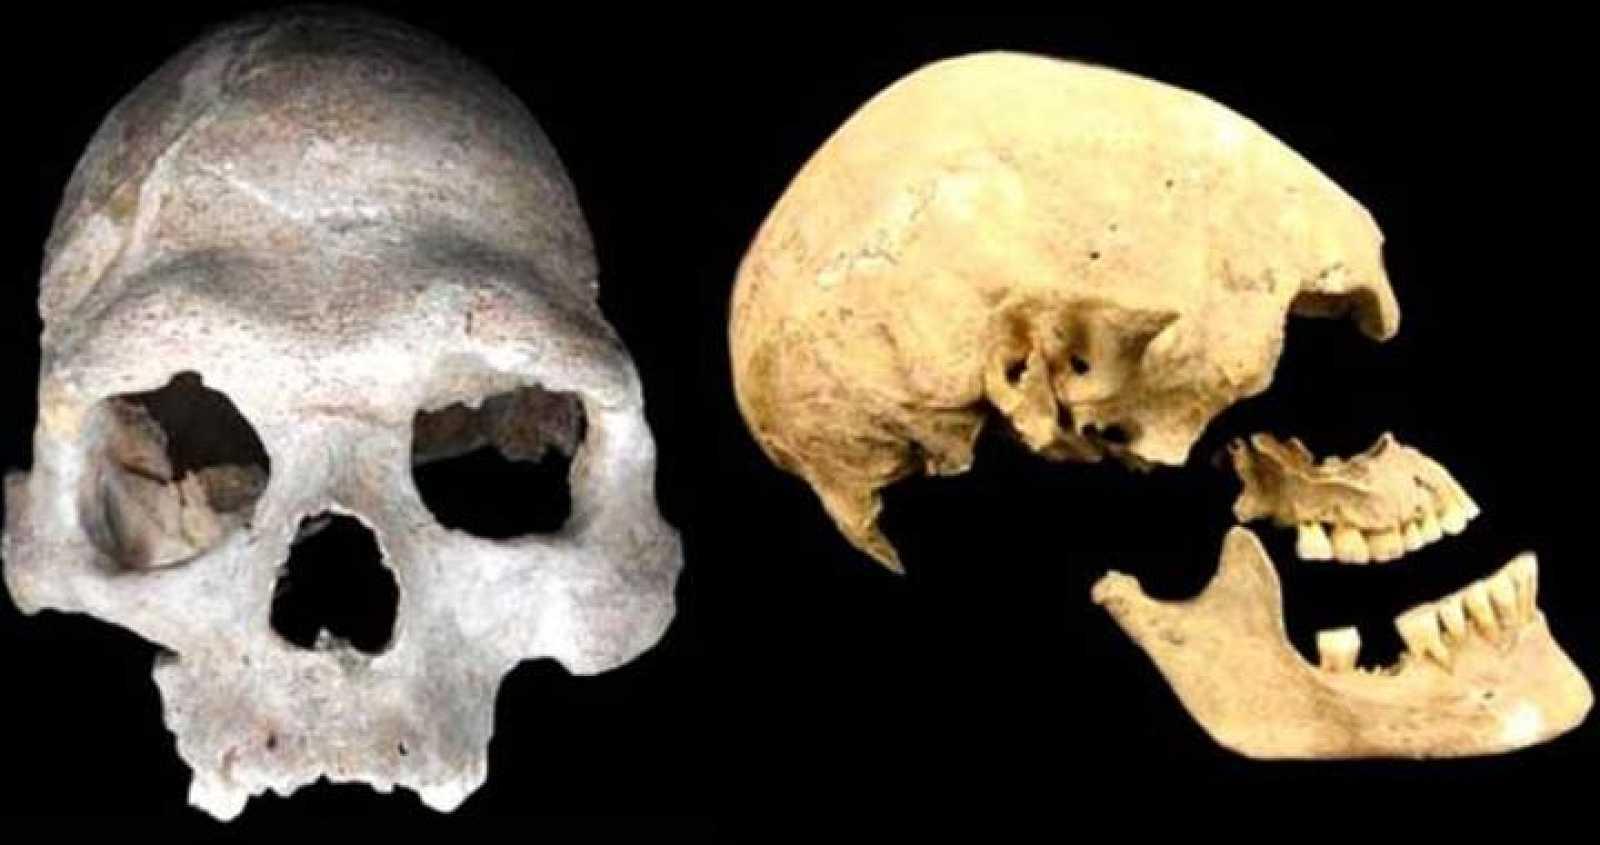 Cráneo de uno de los primeros agricultores (izquierda) y de un cazador-recolector del refugio de Loschbour, Luxemburgo (derecha).